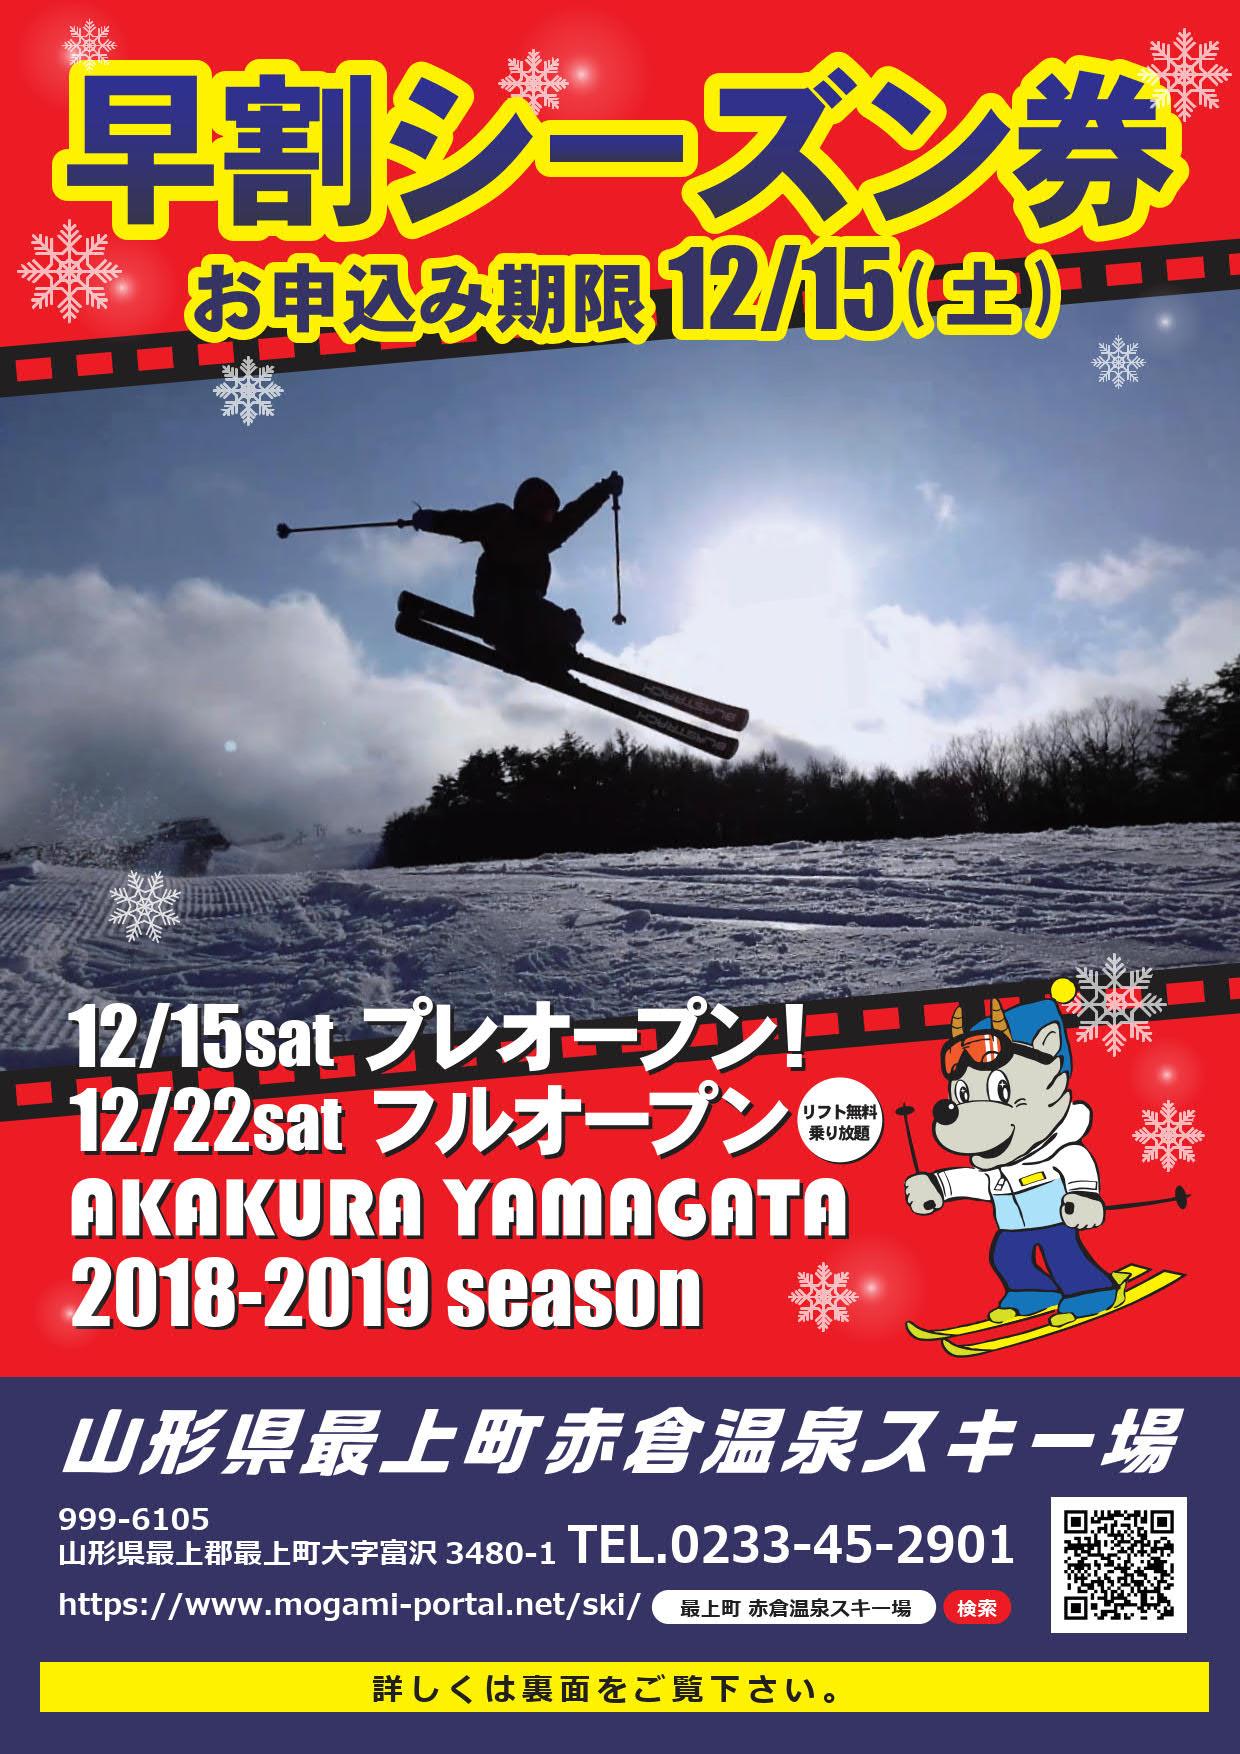 山形県最上町赤倉温泉スキー場オープンと早割シーズン券のご案内